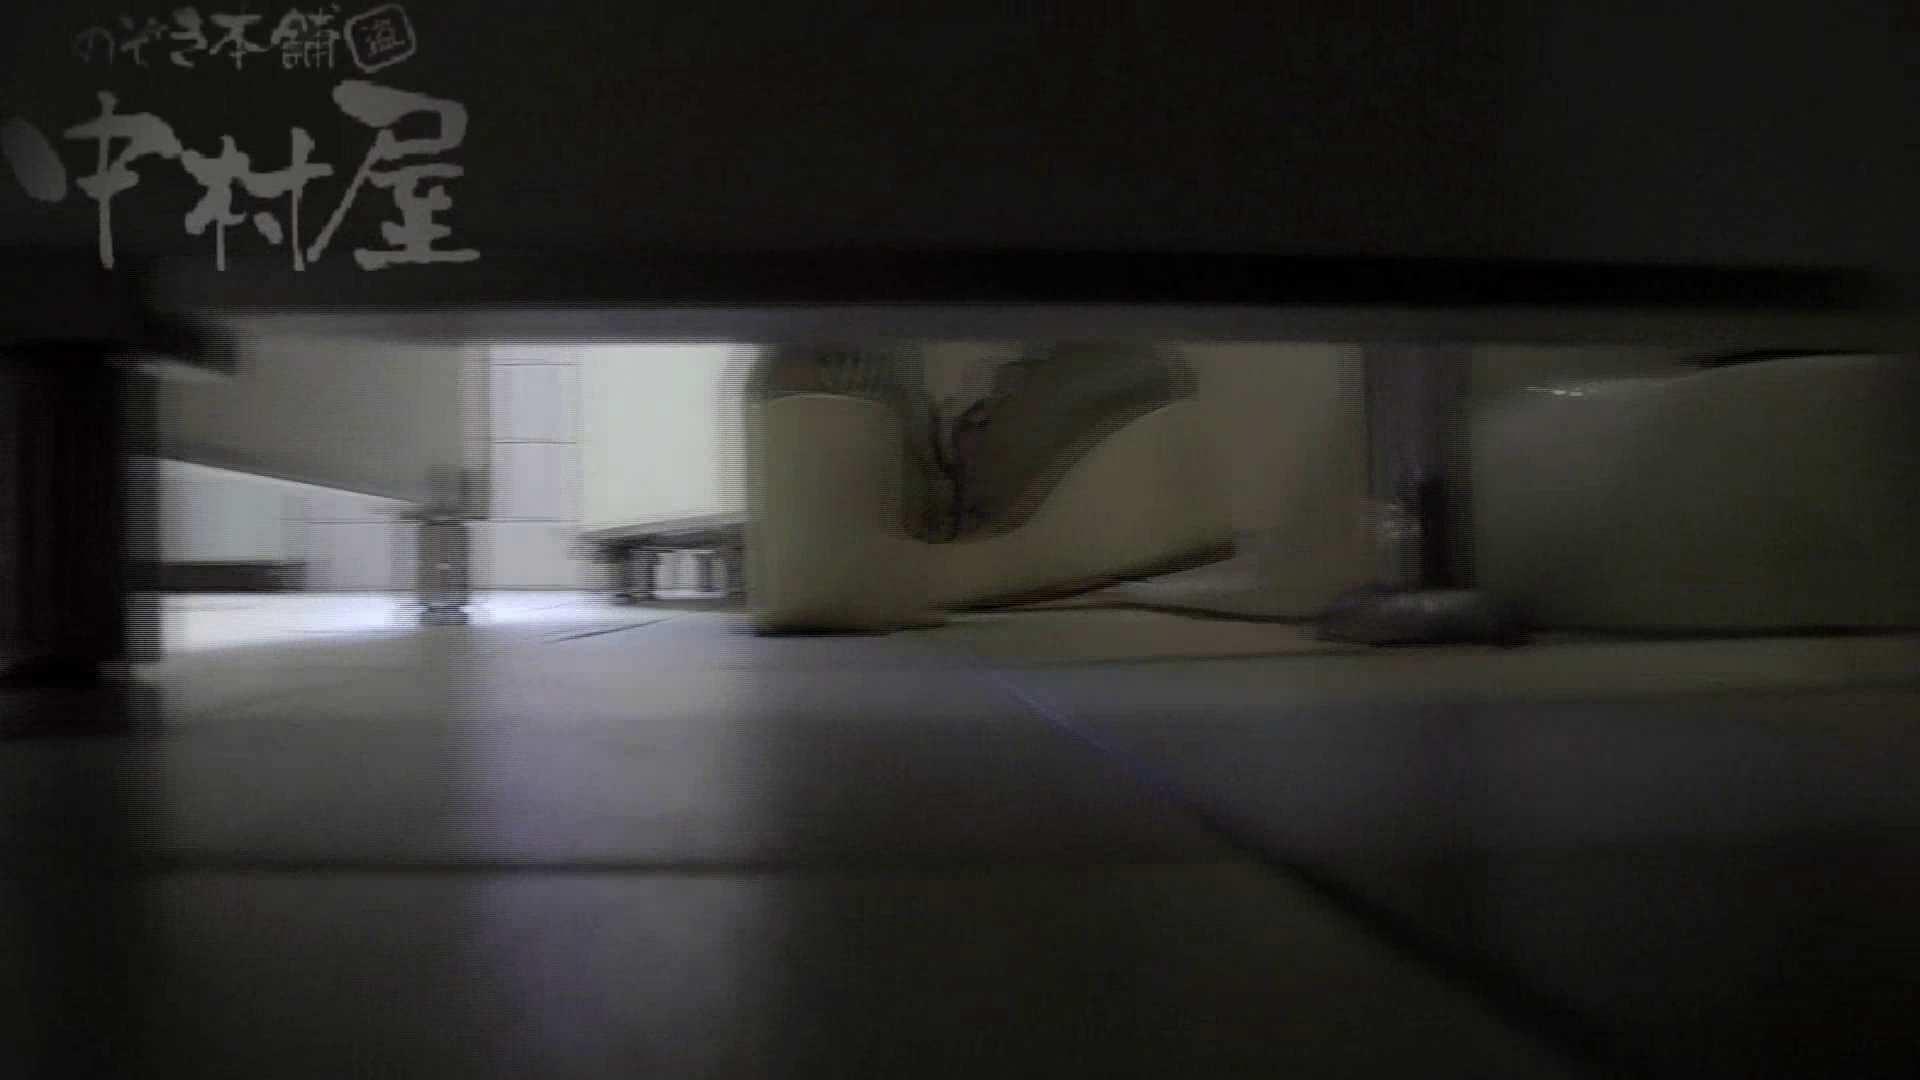 美しい日本の未来 No.33 黒パンをやっと下げる? 乙女のエロ動画 | 卑猥すぎ  106PIX 78